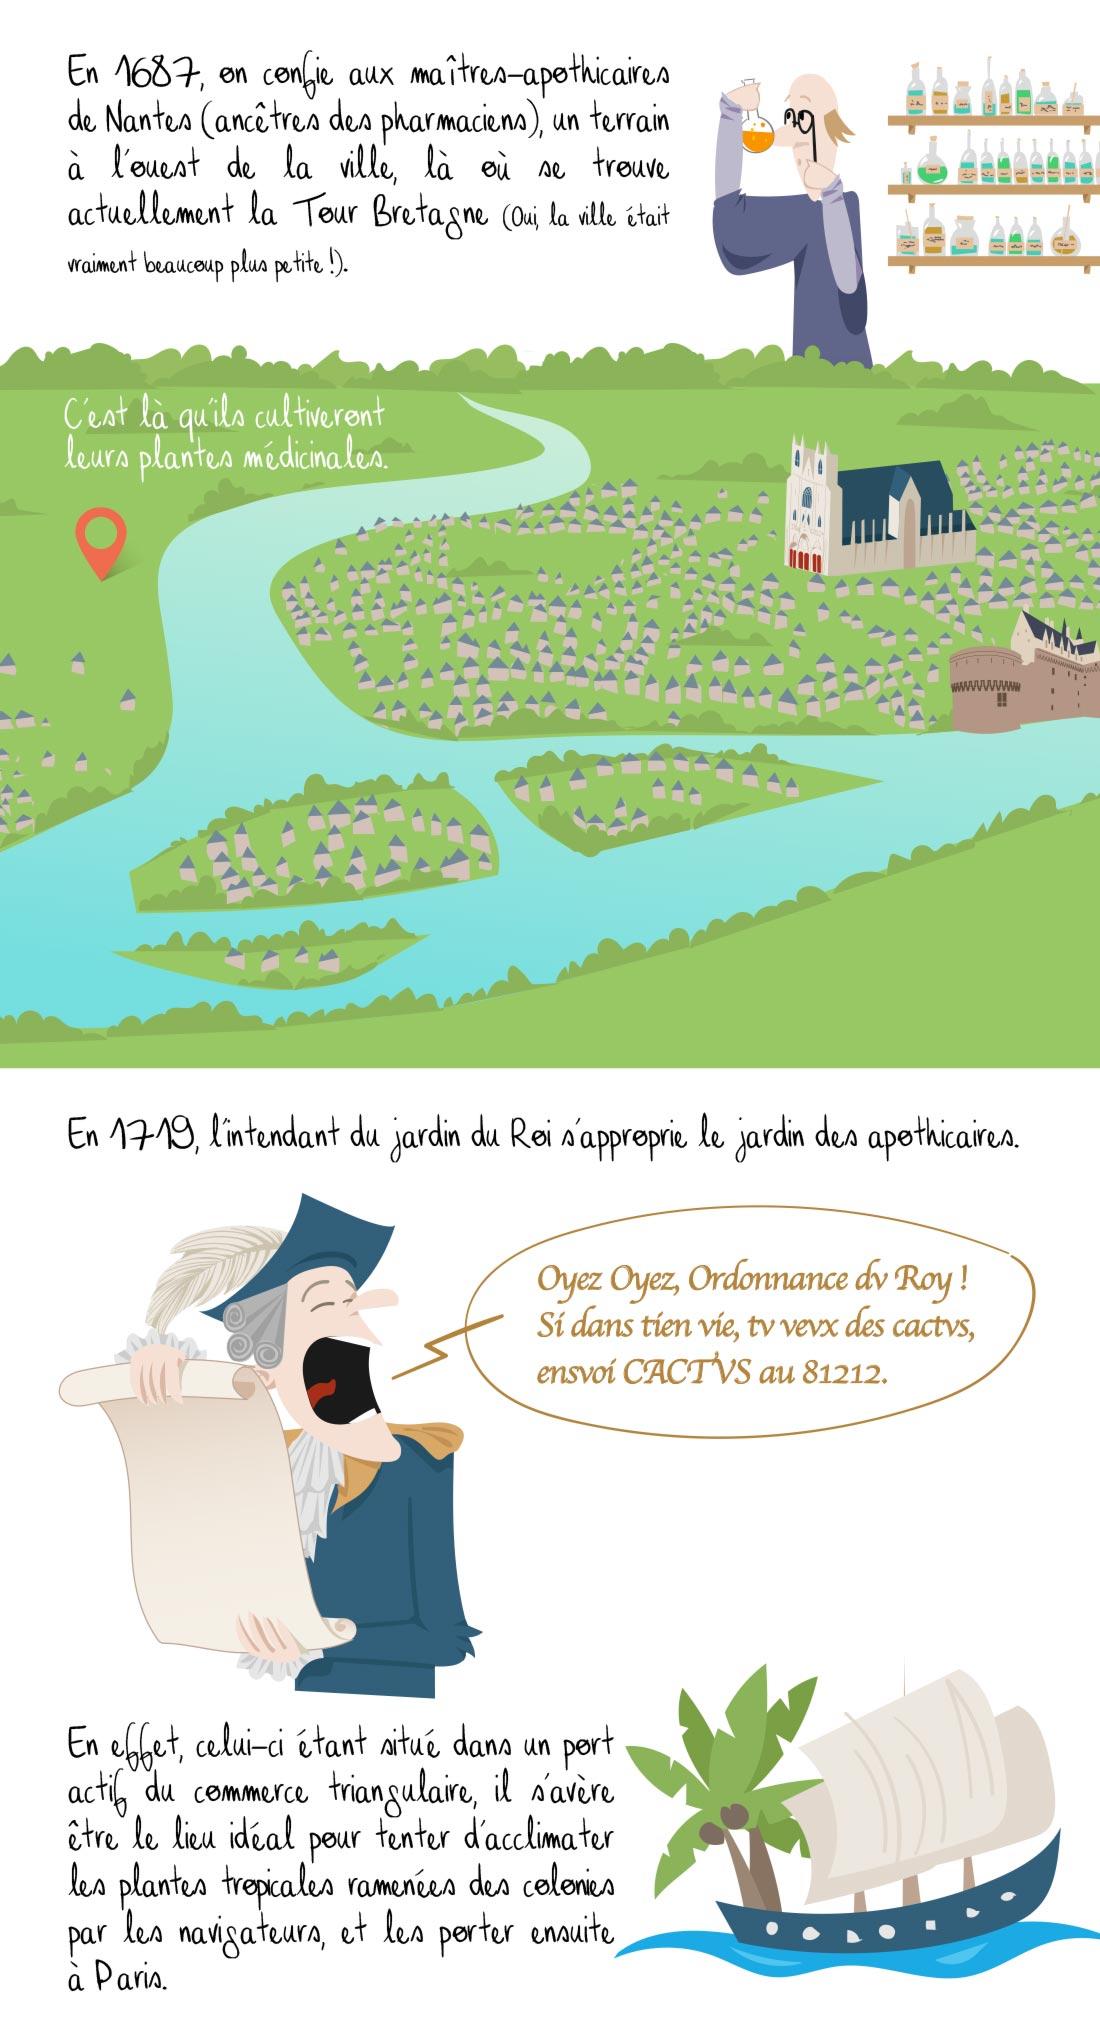 Histoire du jardin des plantes de Nantes, partie 1